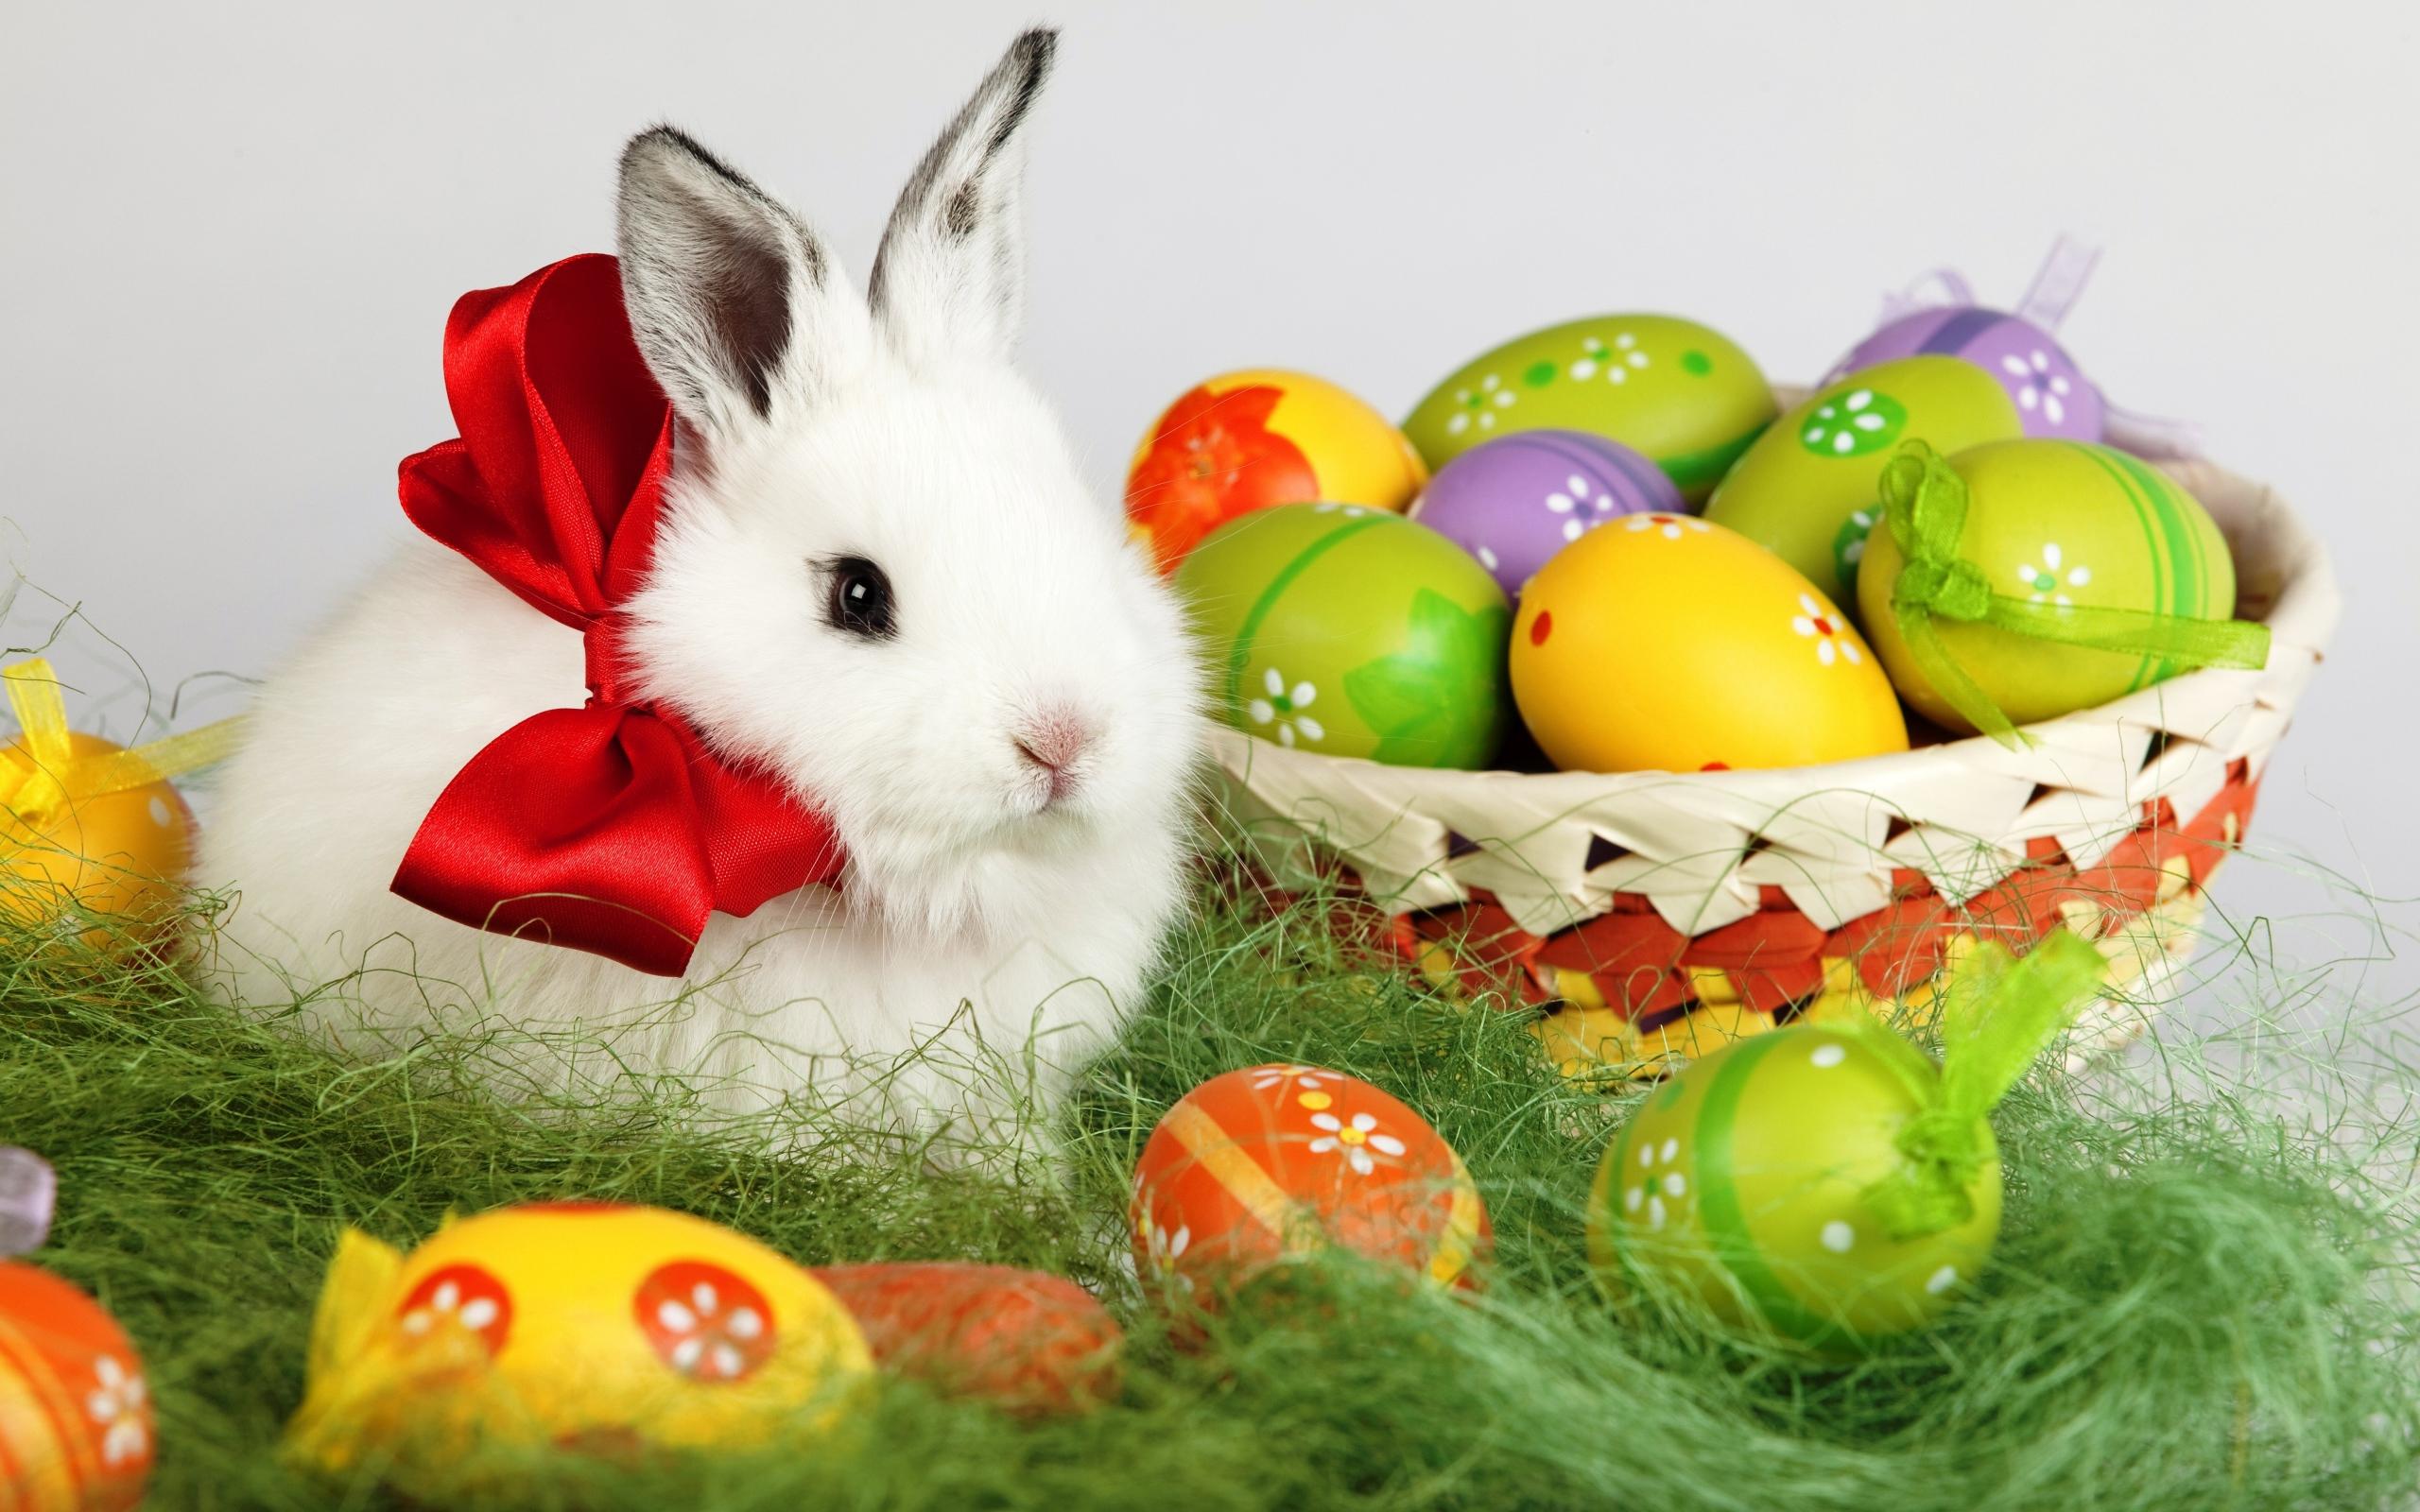 HDoboi.Kiev.ua - Белый пушистый кролик 4k с пасхальными яйцами